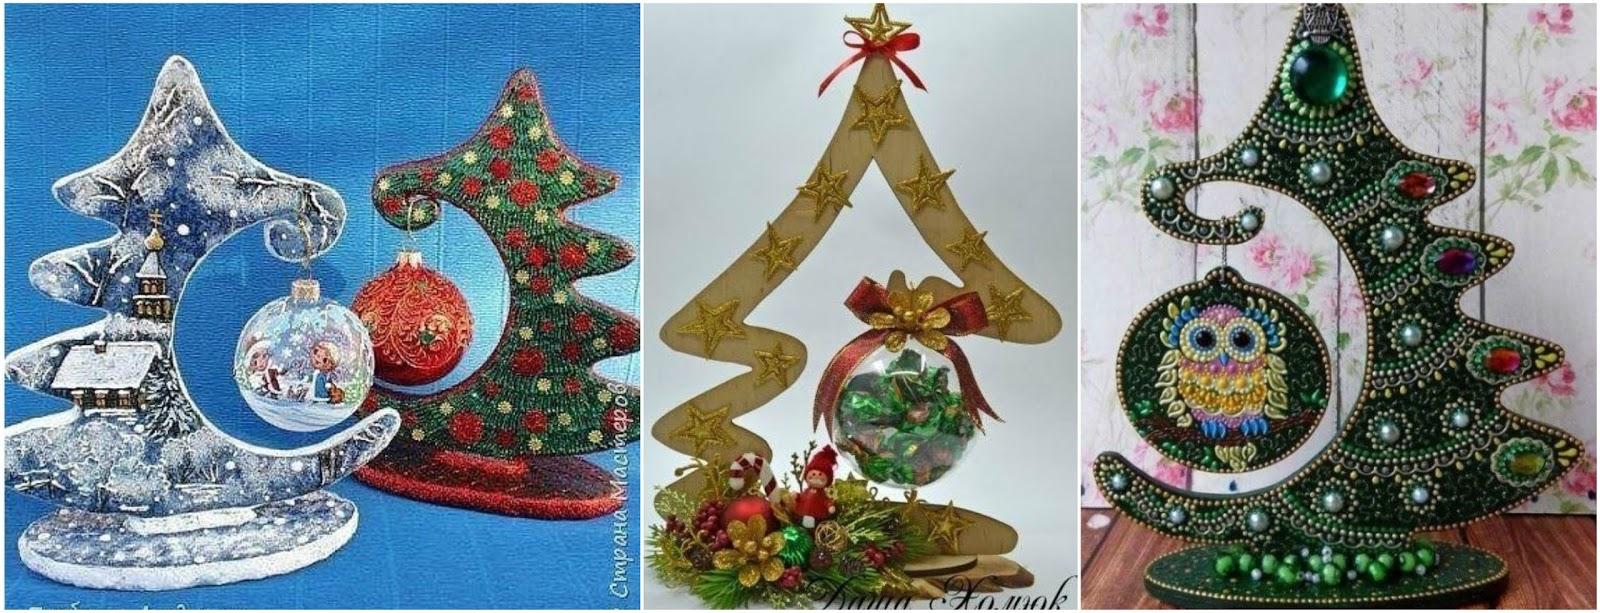 Aprende c mo hacer adornos de navidad reciclando cart n - Como se hacen adornos navidenos ...